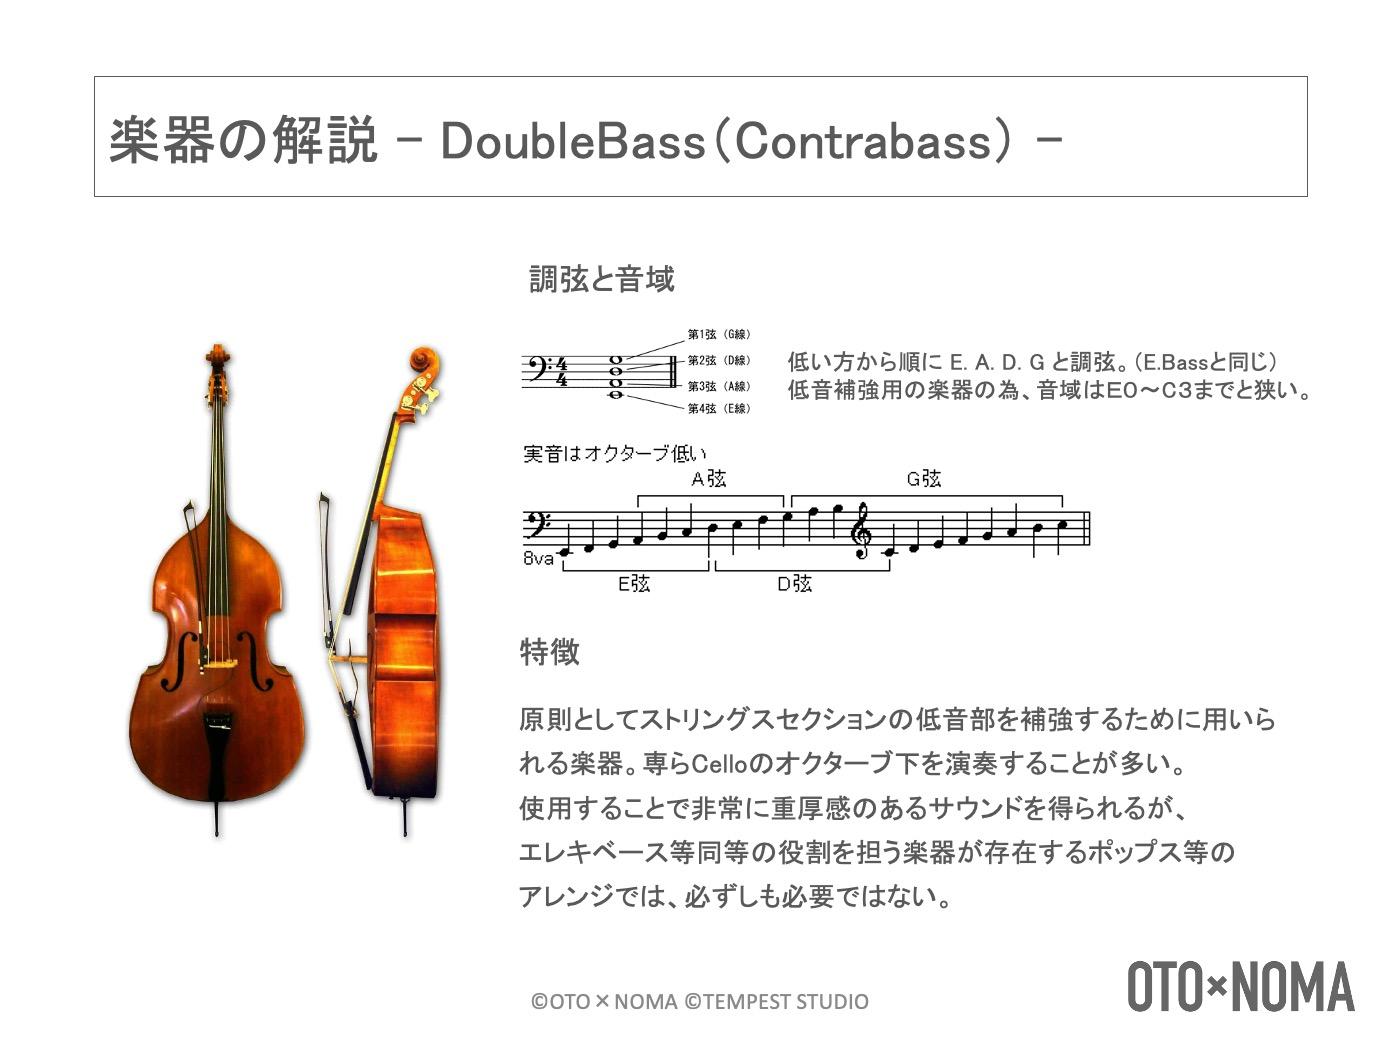 コントラバスの音域と特徴